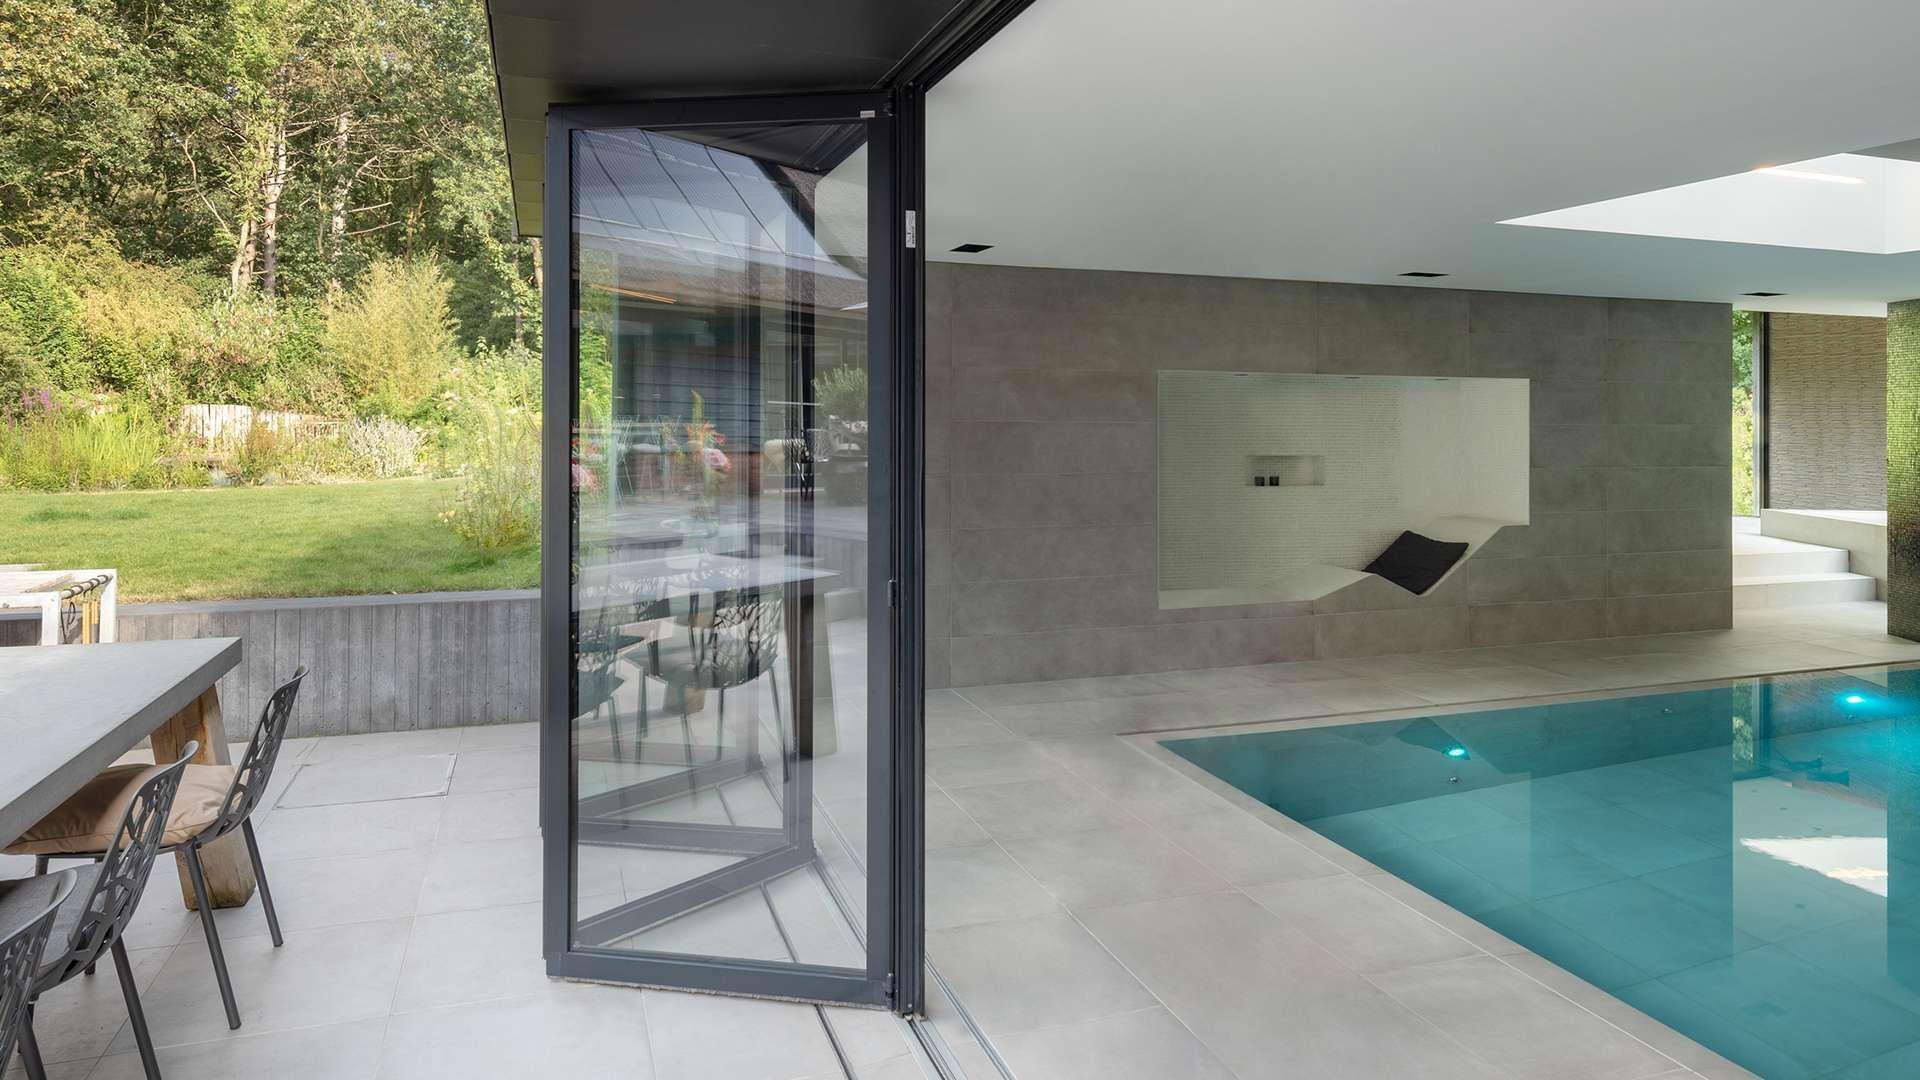 geöffnete Glas-Faltwand zwischen Indoor-Pool und Terrasse